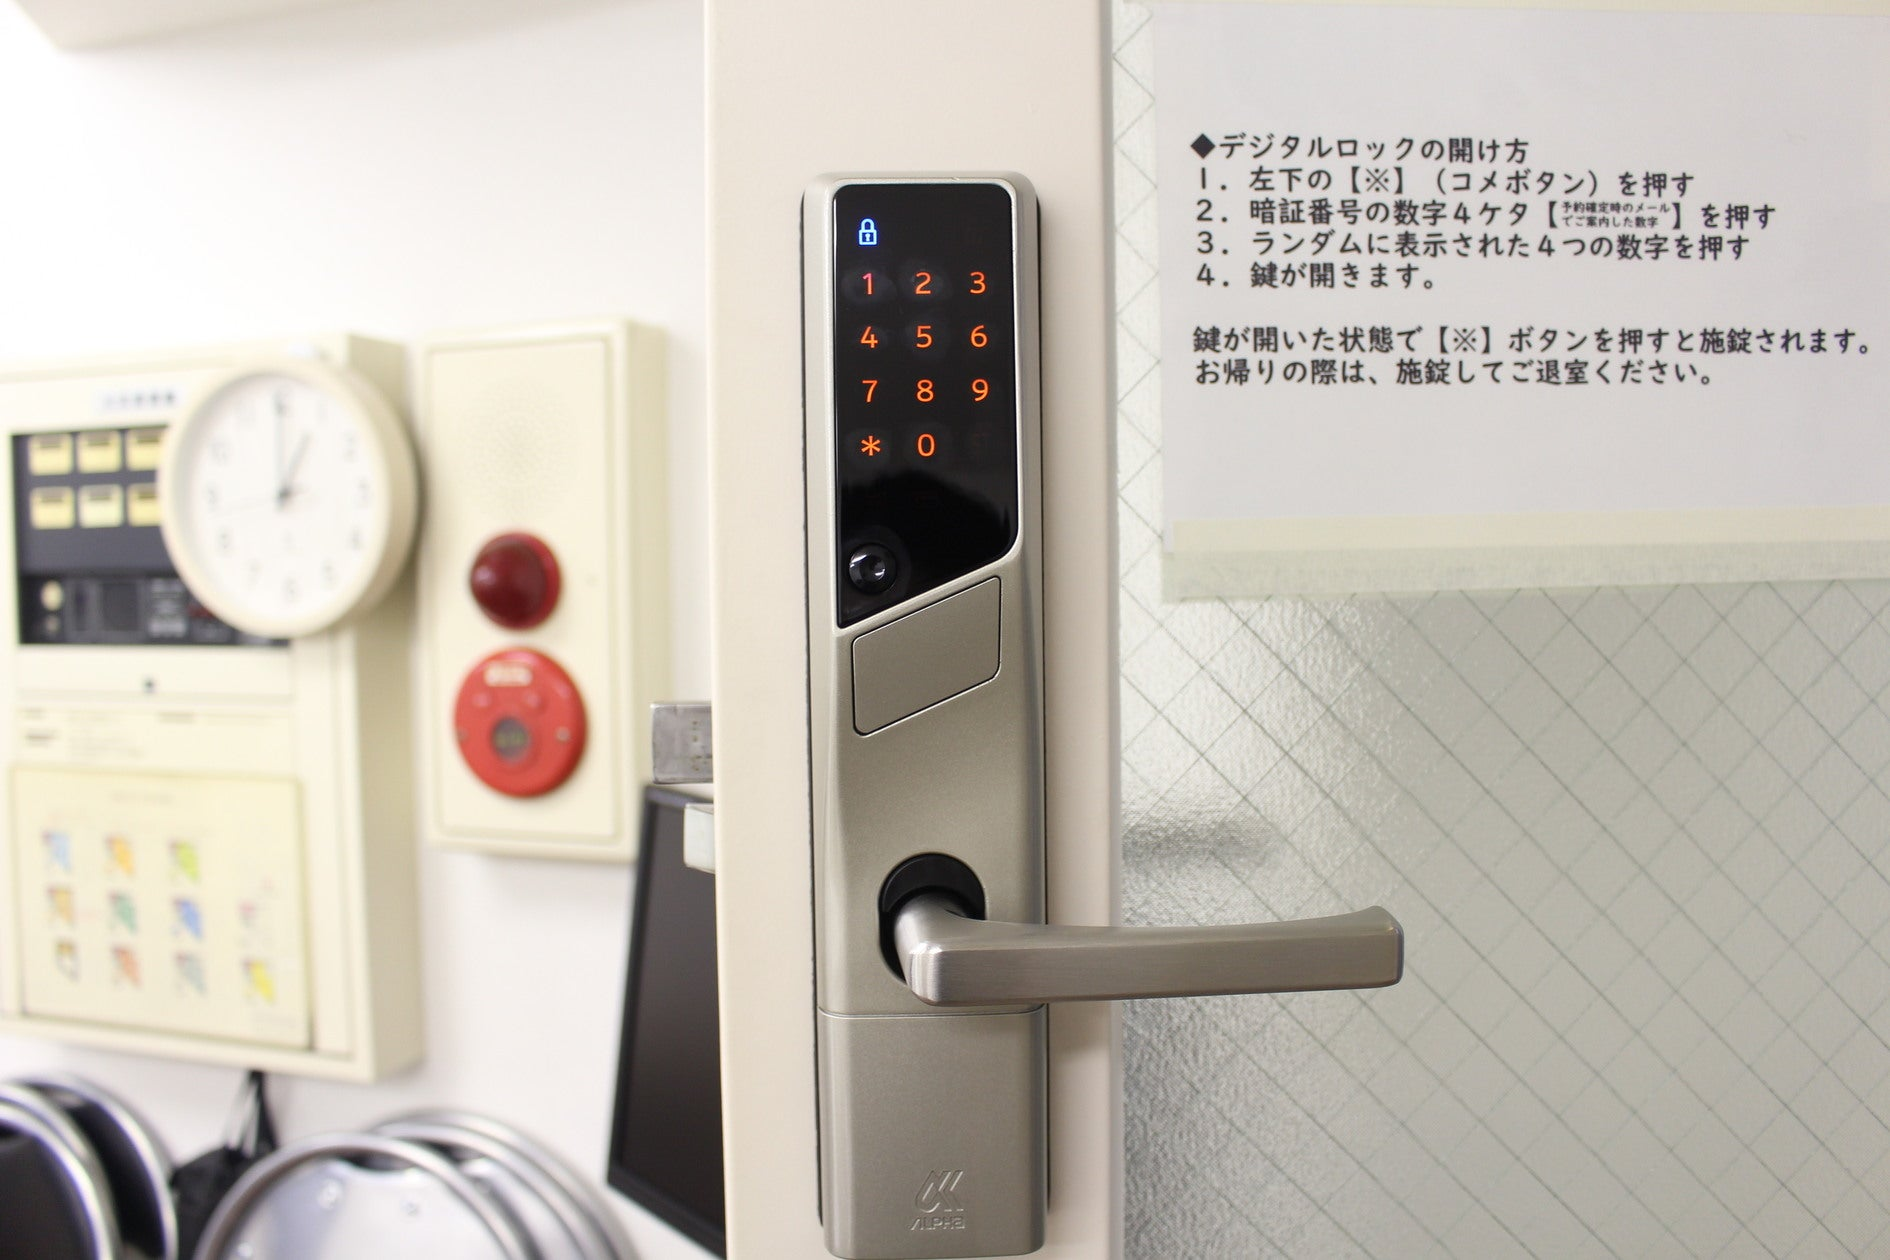 【神田駅 30秒!】いちご会議室 神田駅前 wifi・プロジェクター無料! の写真